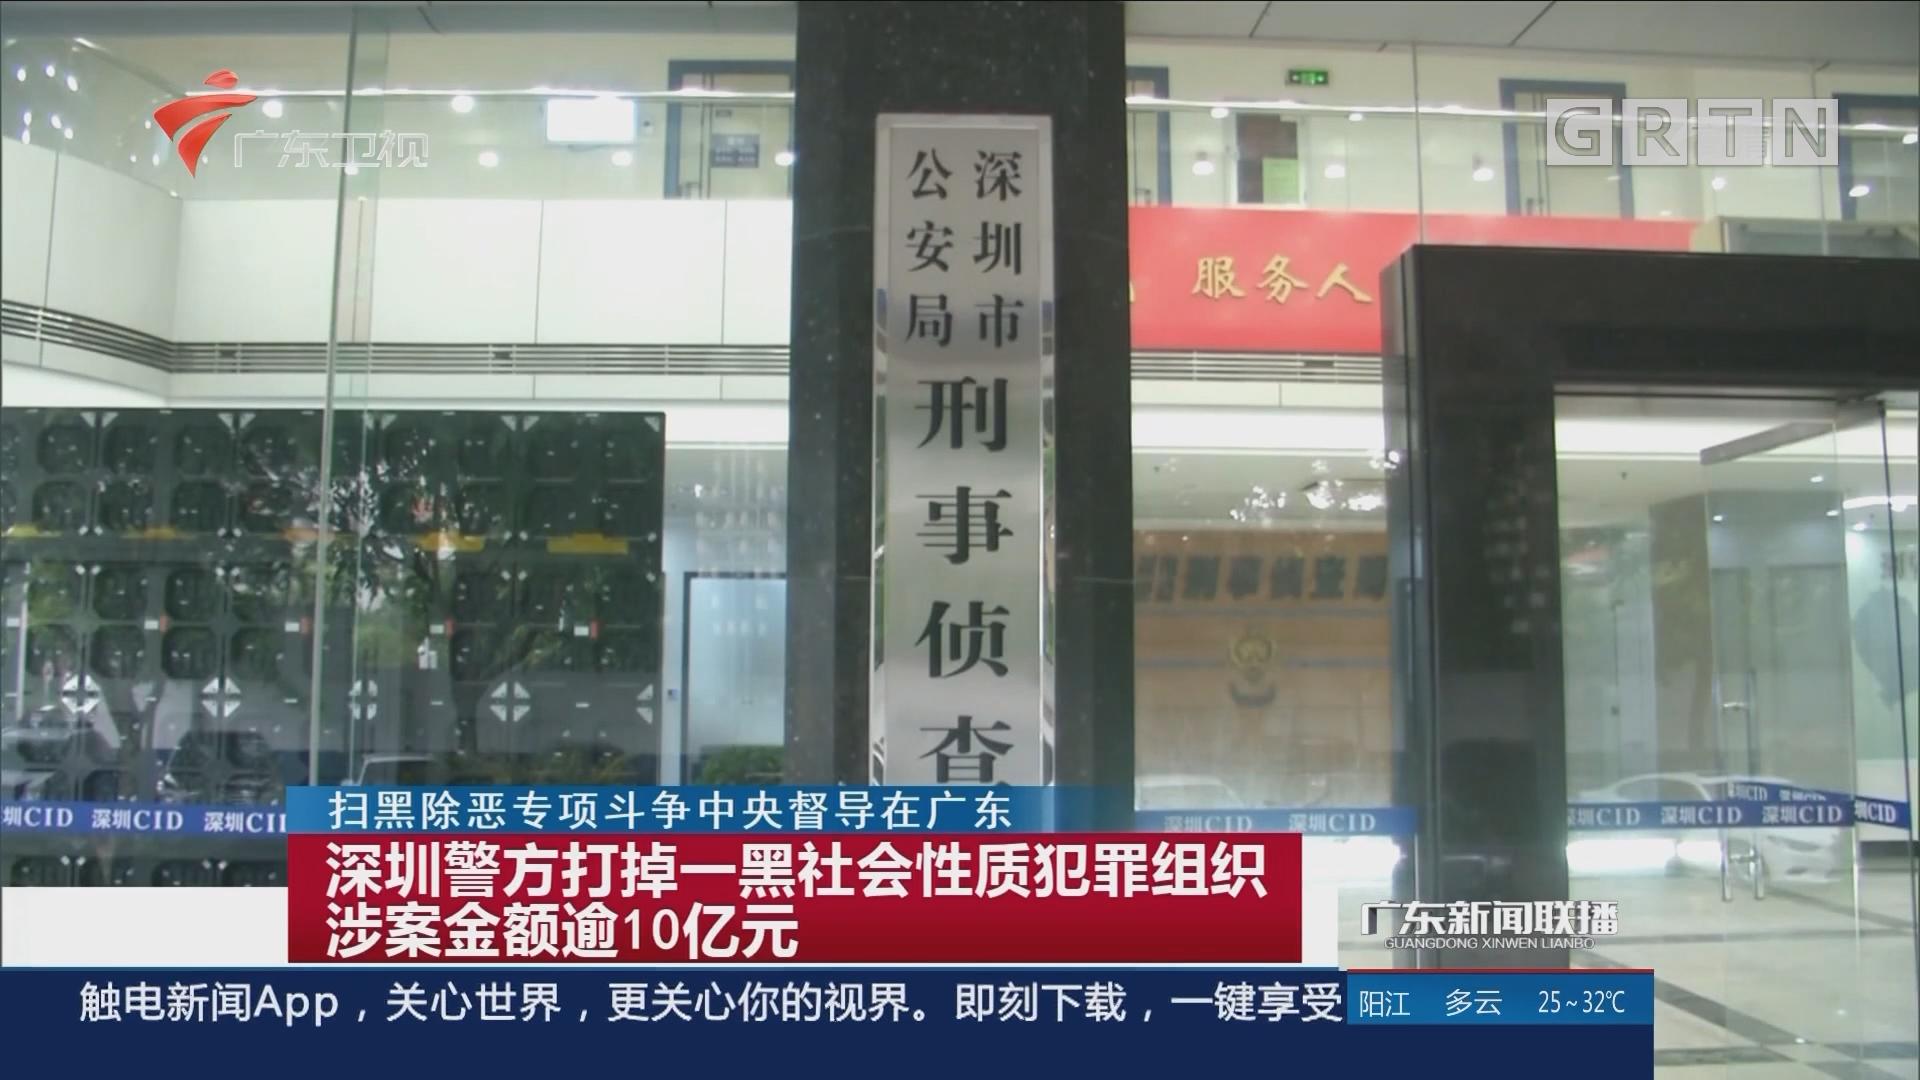 深圳警方打掉一黑社会性质犯罪组织涉案金额逾10亿元